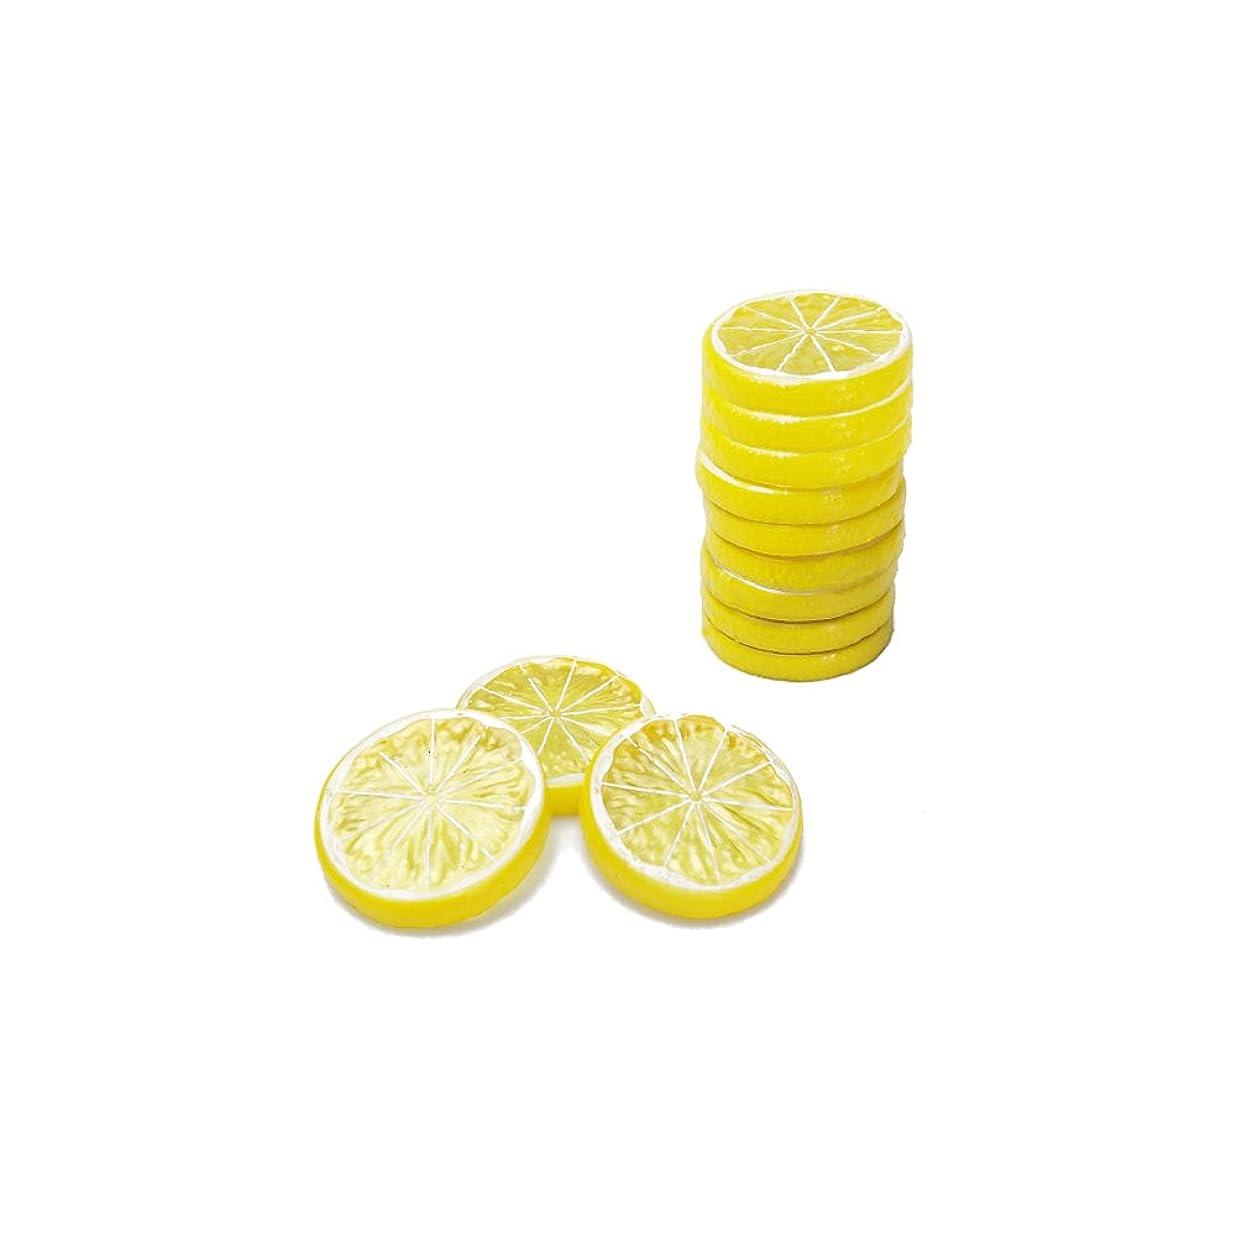 コンパイル普通のドナウ川Leafbabyリアルなフェイク人工レモンライムスライスシミュレーションフルーツモデル装飾ホームパーティーデコレーションKids認識機能おもちゃ